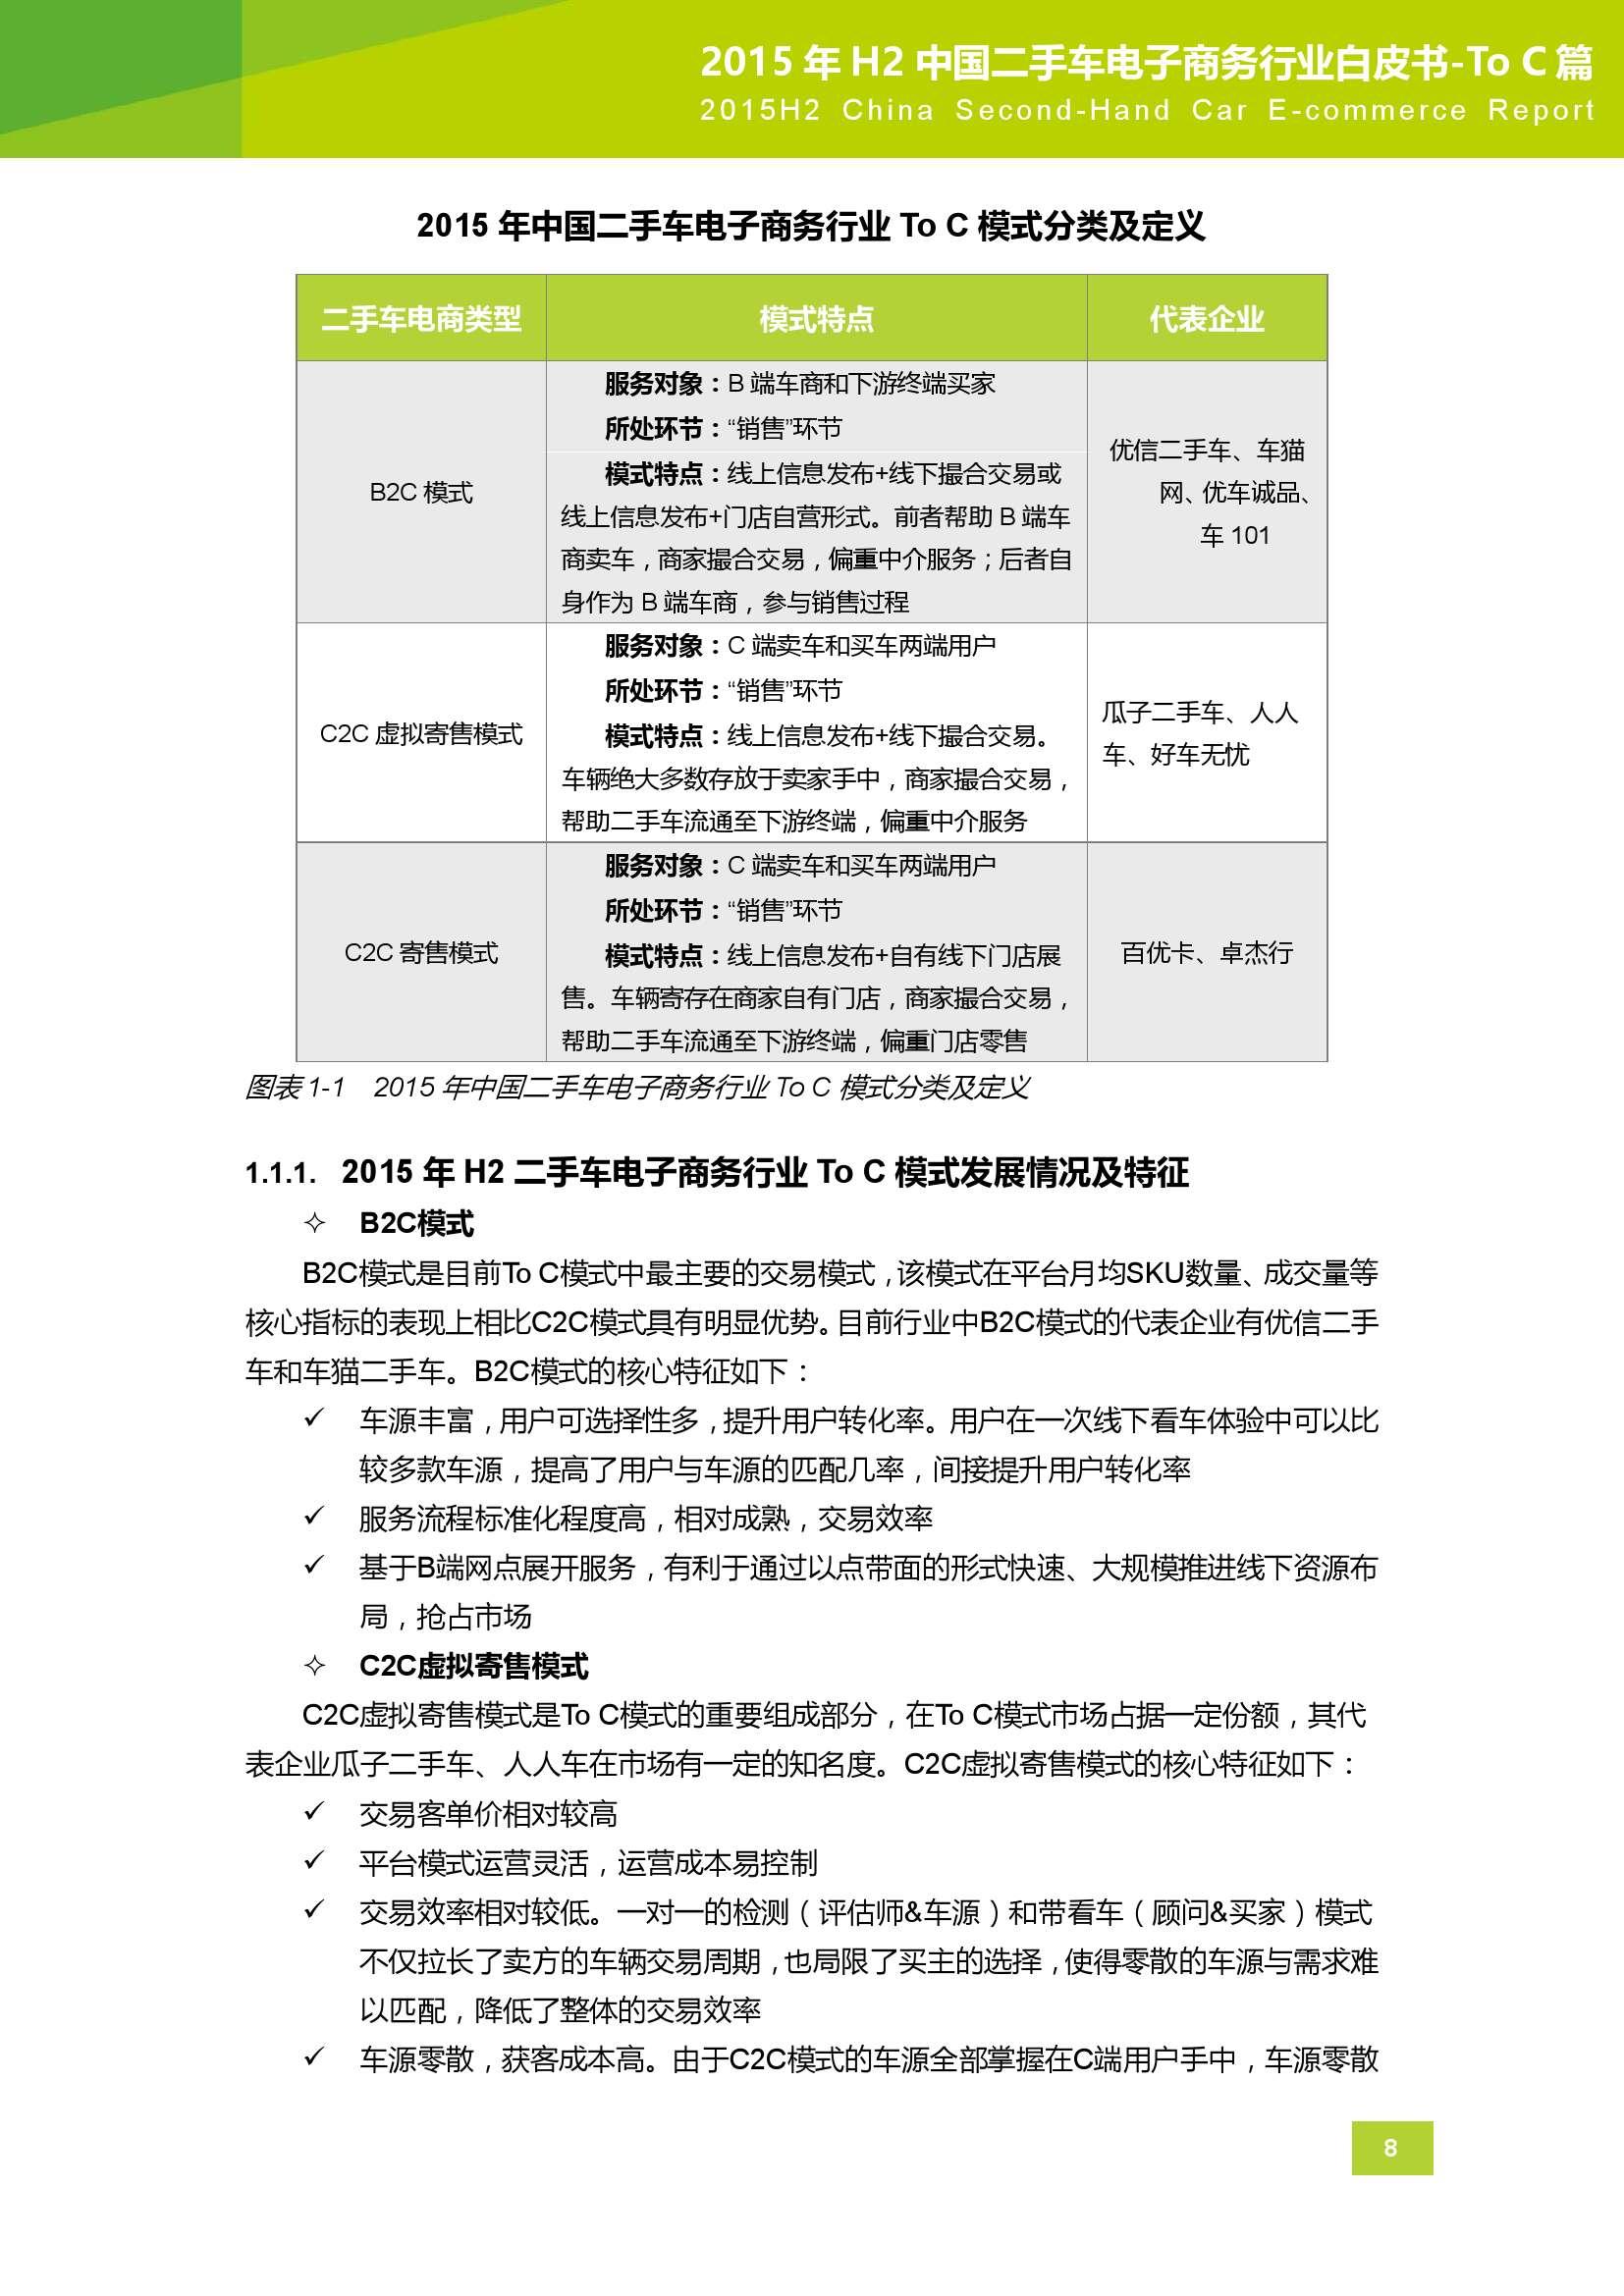 2015年H2中国二手车电子商务行业白皮书_000008